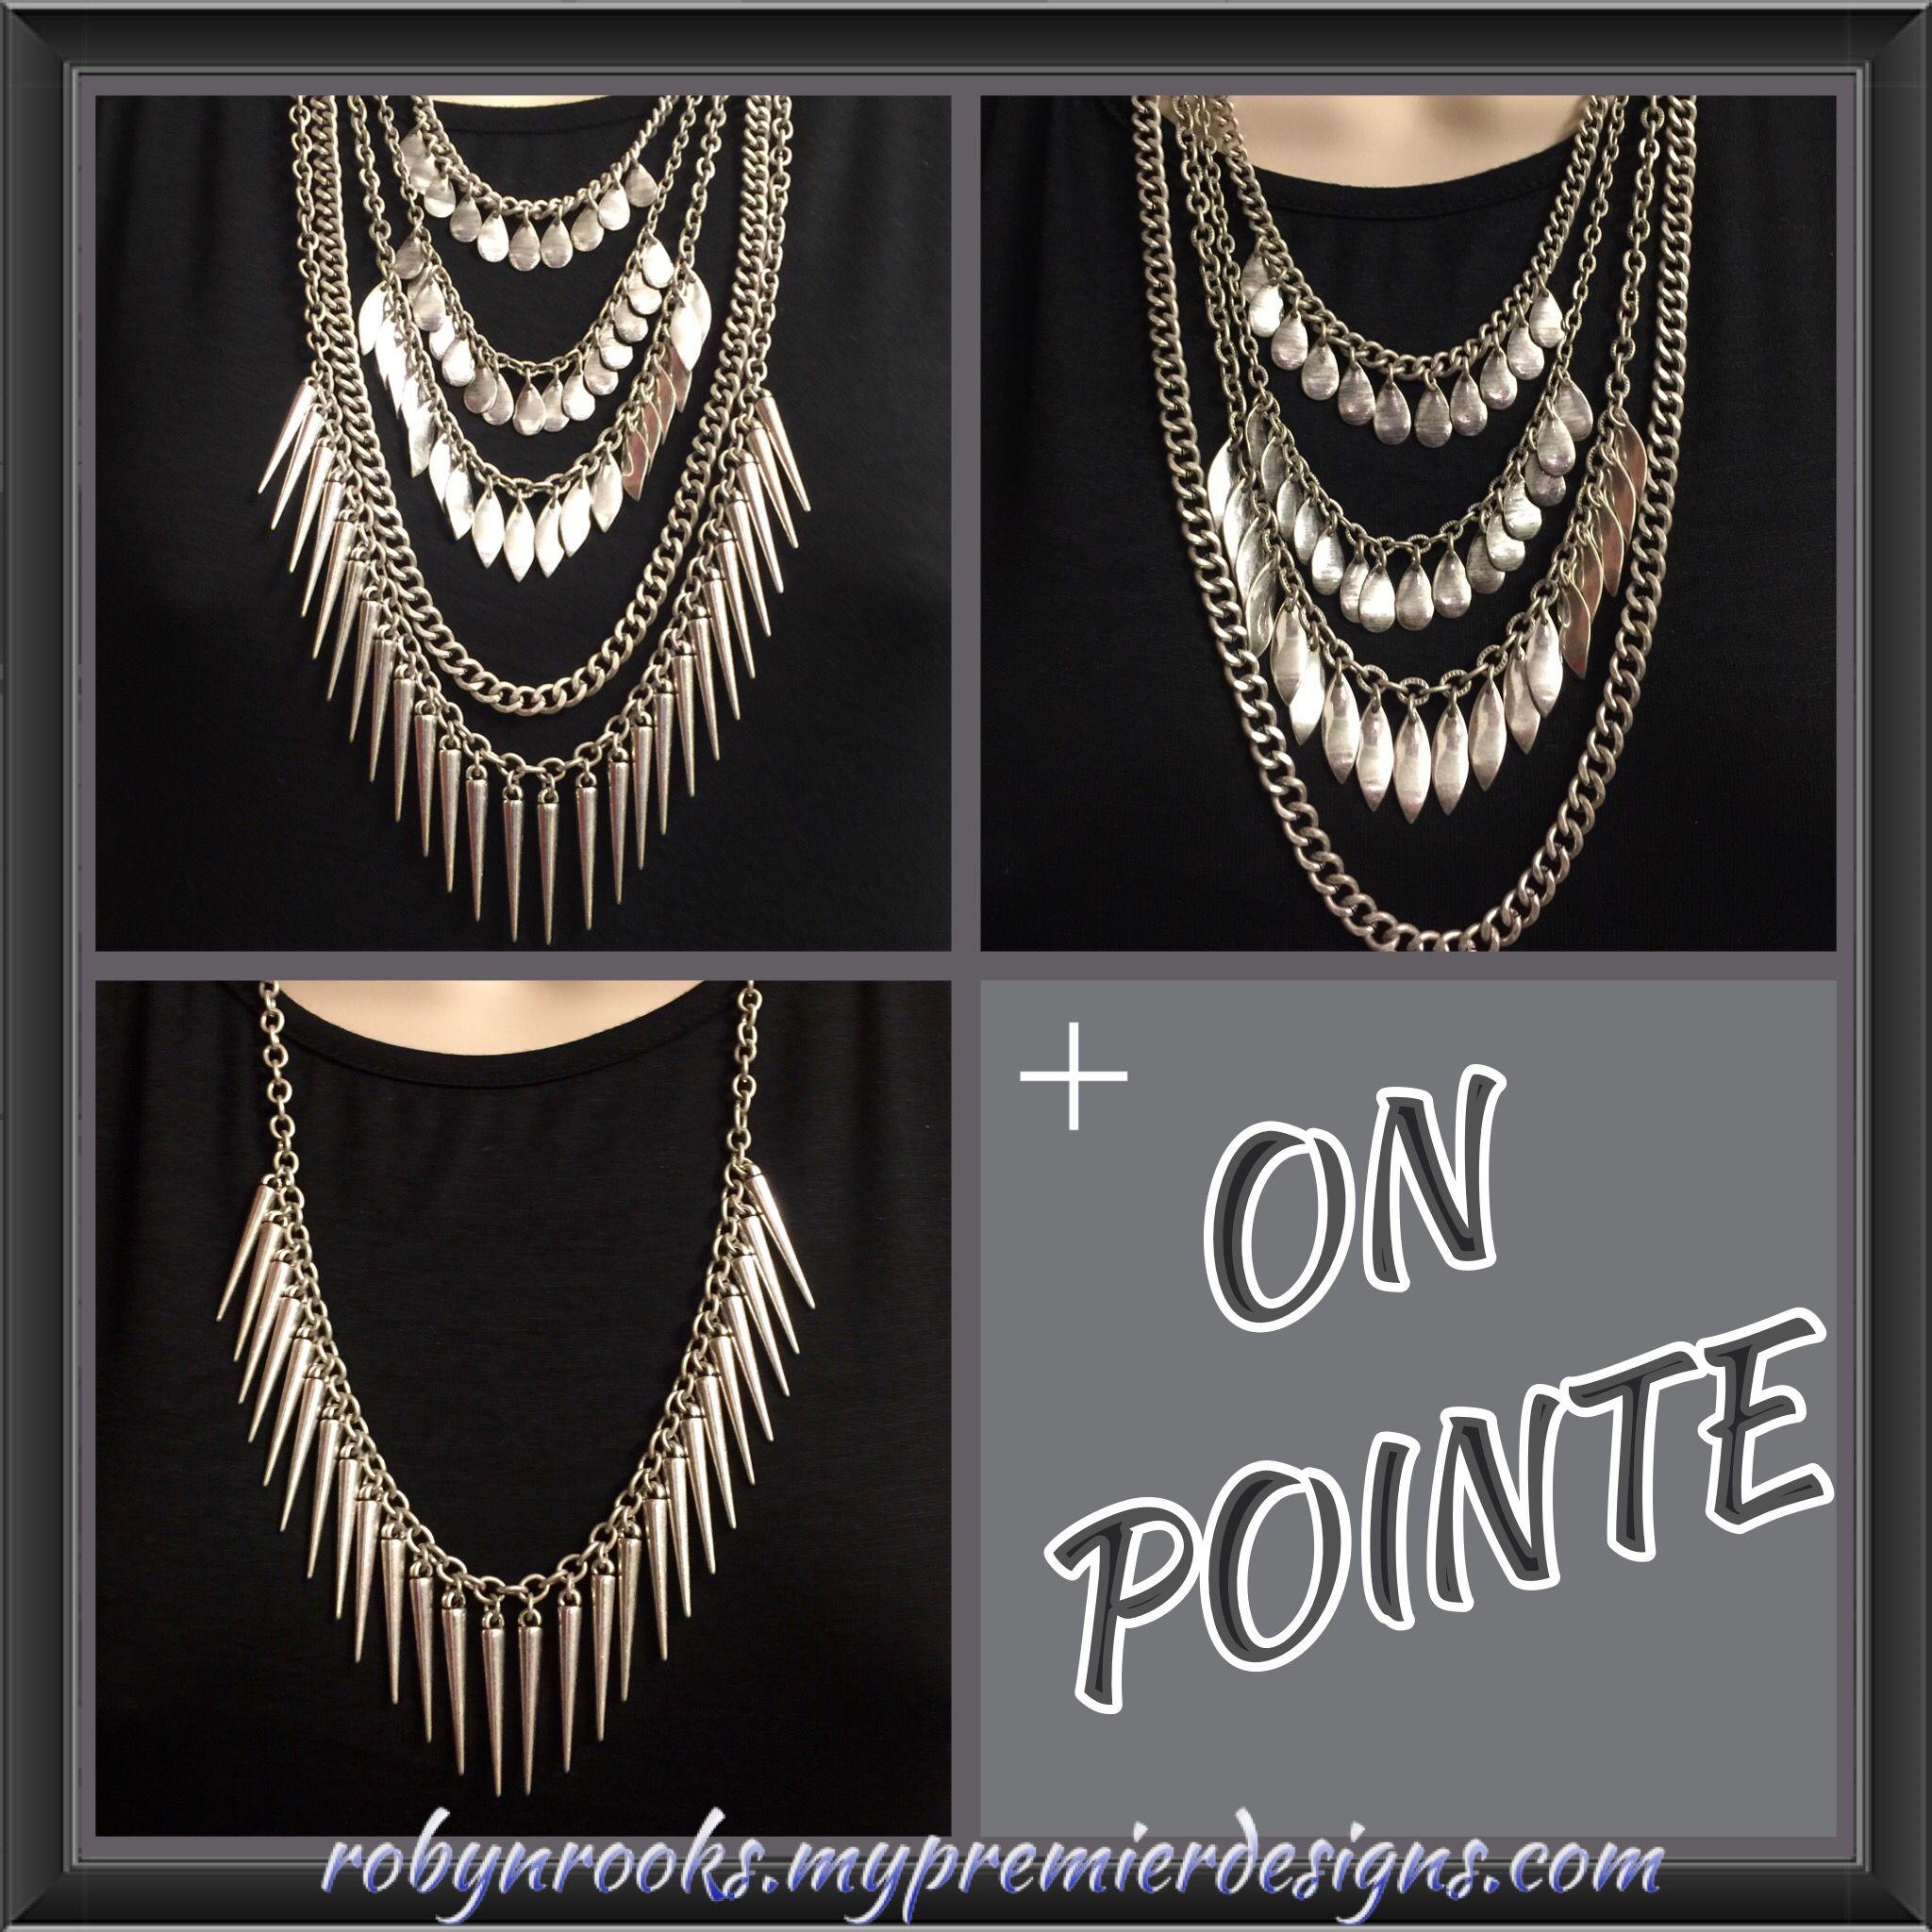 Premier designs jewelry 2015 - 3 Ways To Wear The New On Pointe Necklace 2015 Premier Designs Jewelrypremier